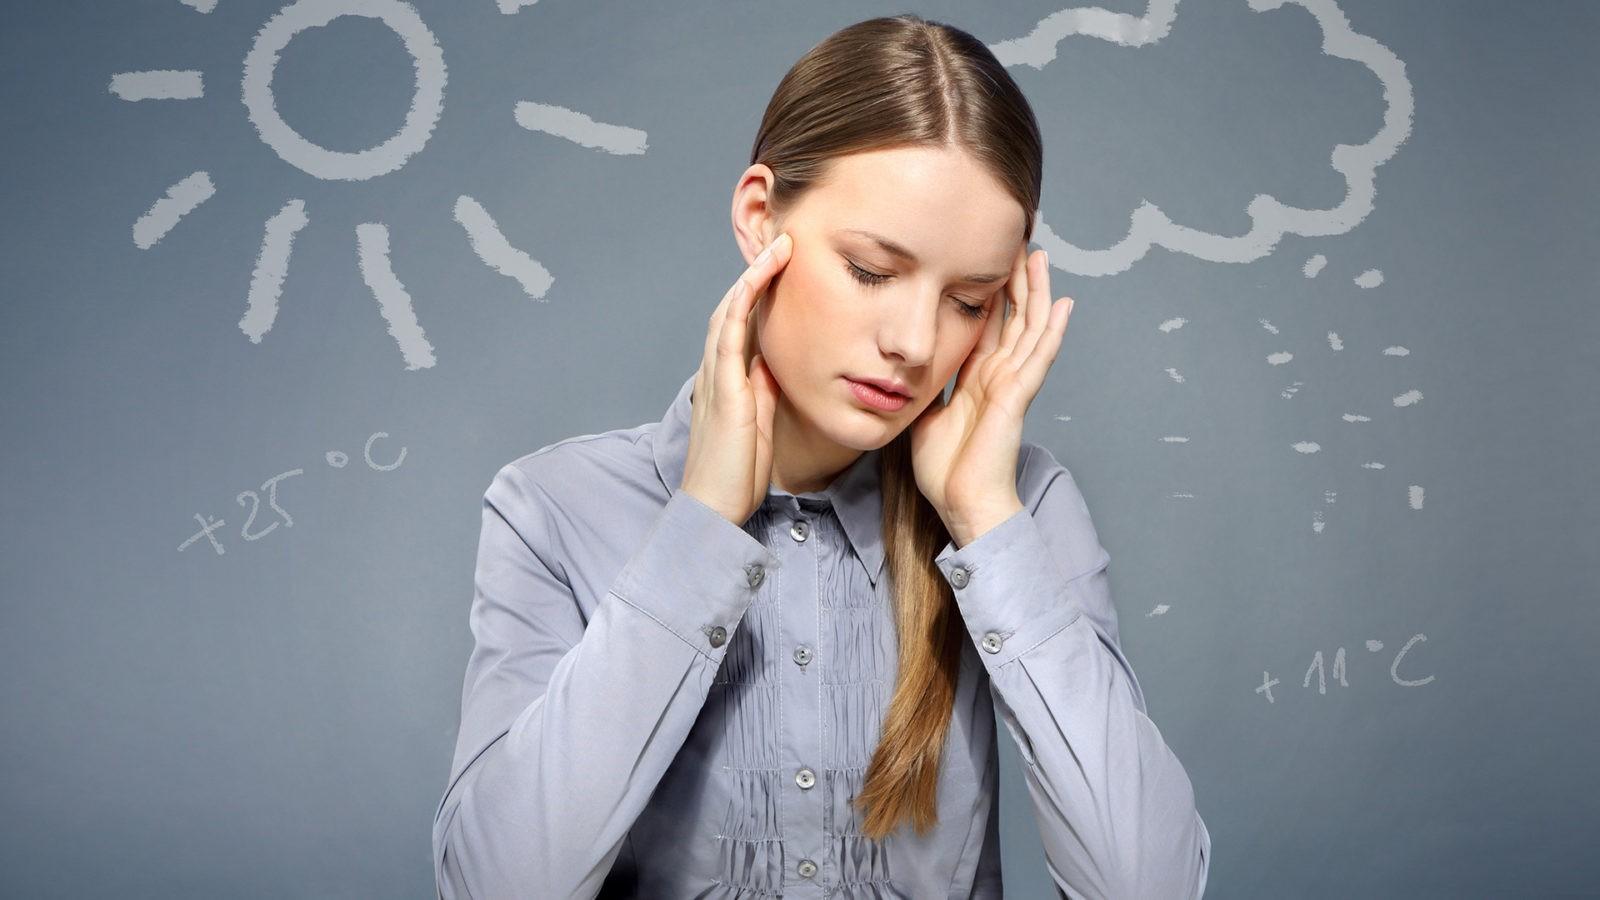 66fca017eed49e9dd89c2f1d290aea18 - Экологический стресс: как он влияет на ваше здоровье